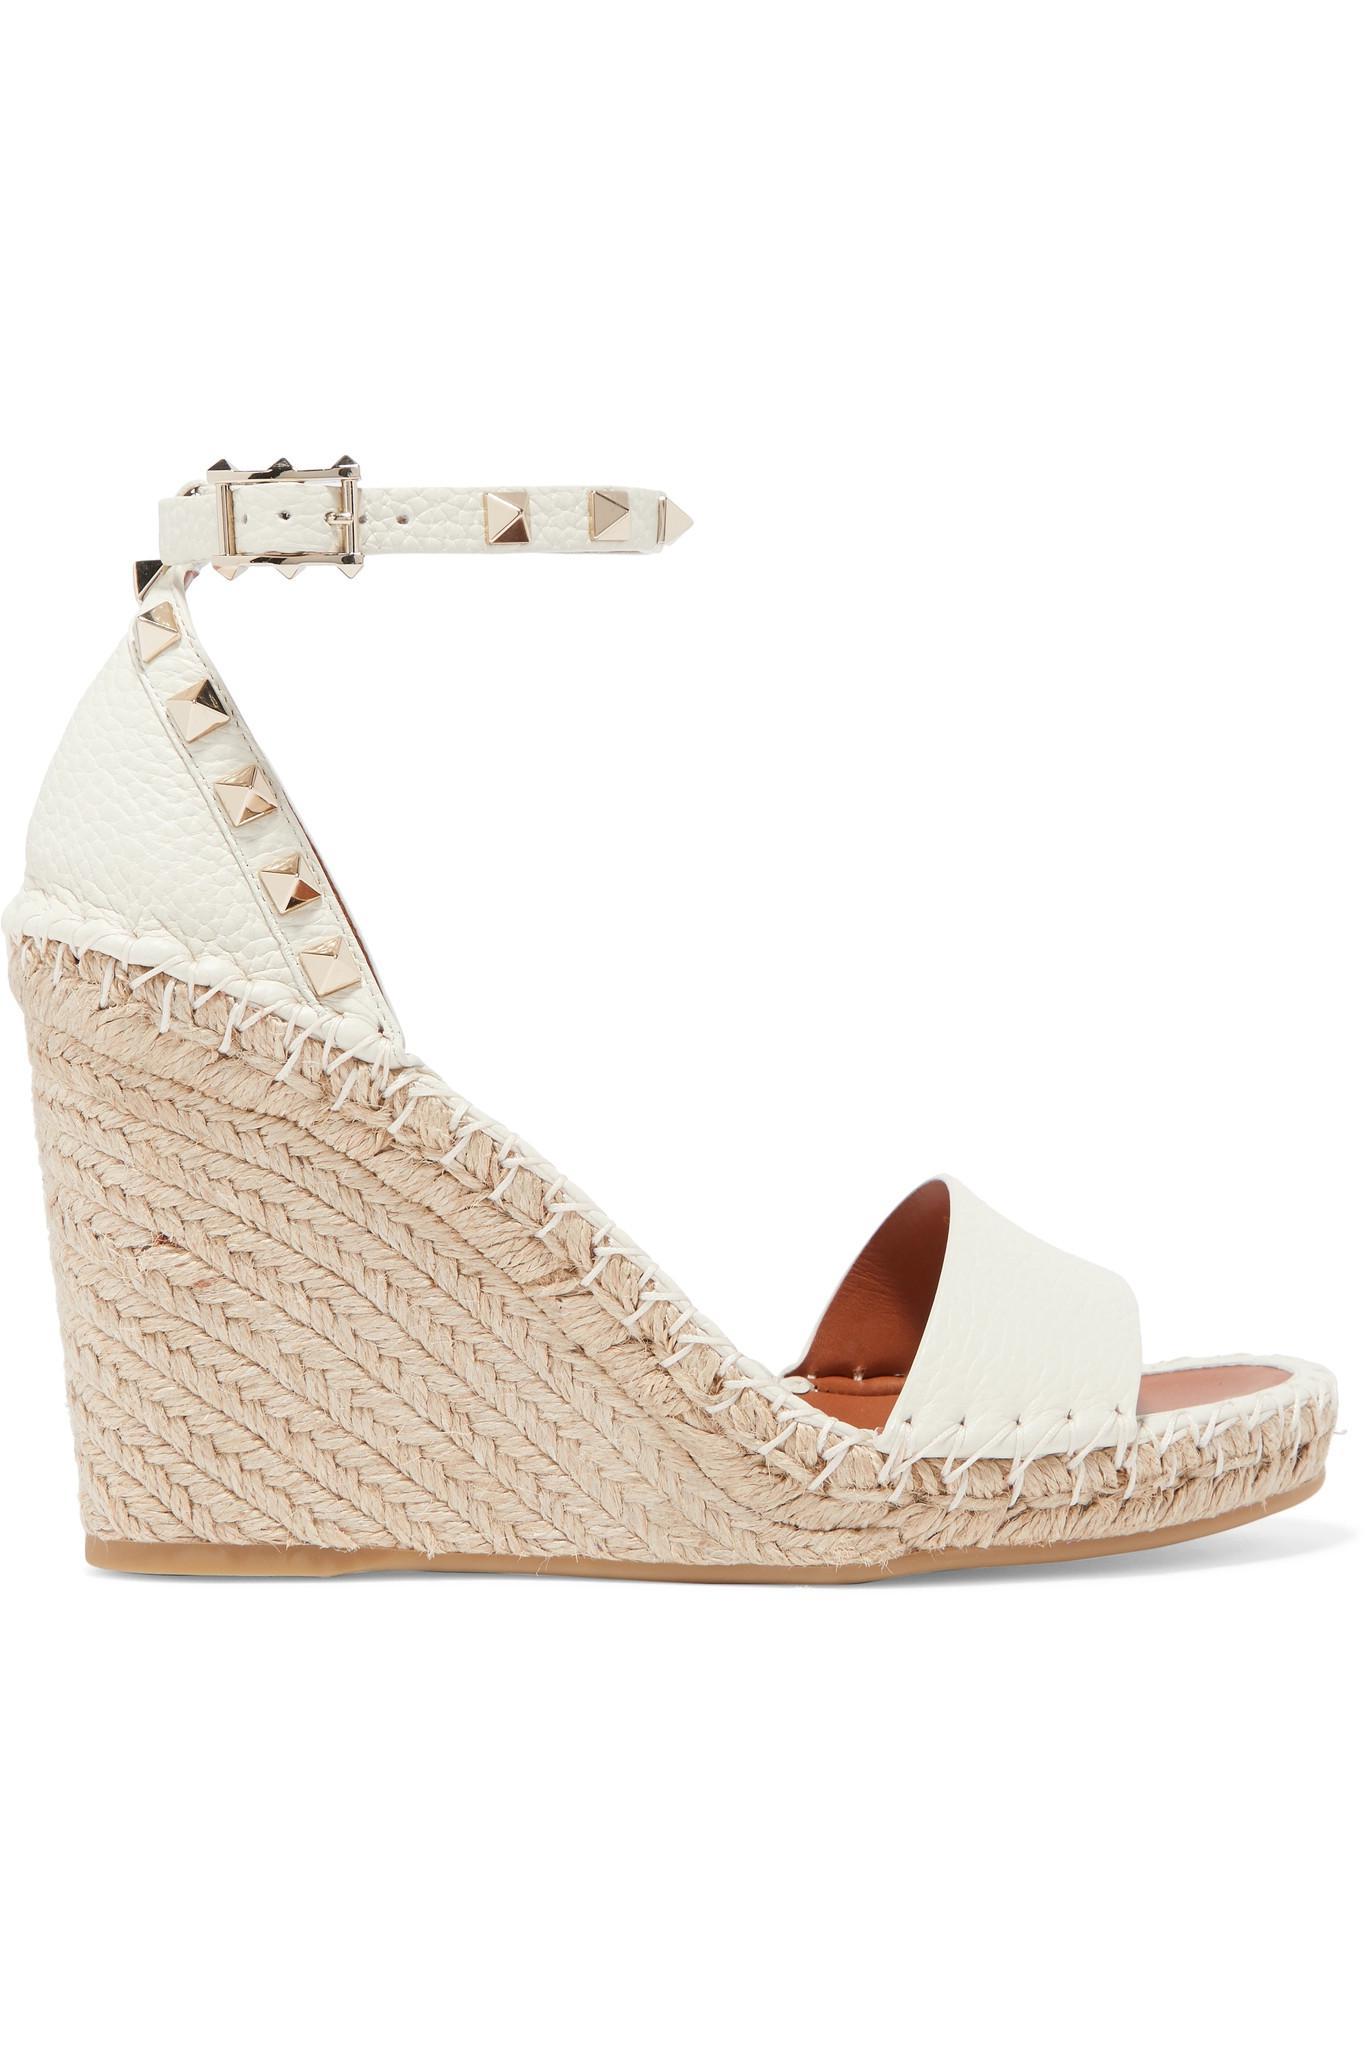 04918911bbd8 Valentino. Women s Natural Garavani The Rockstud Textured-leather  Espadrille Wedge Sandals